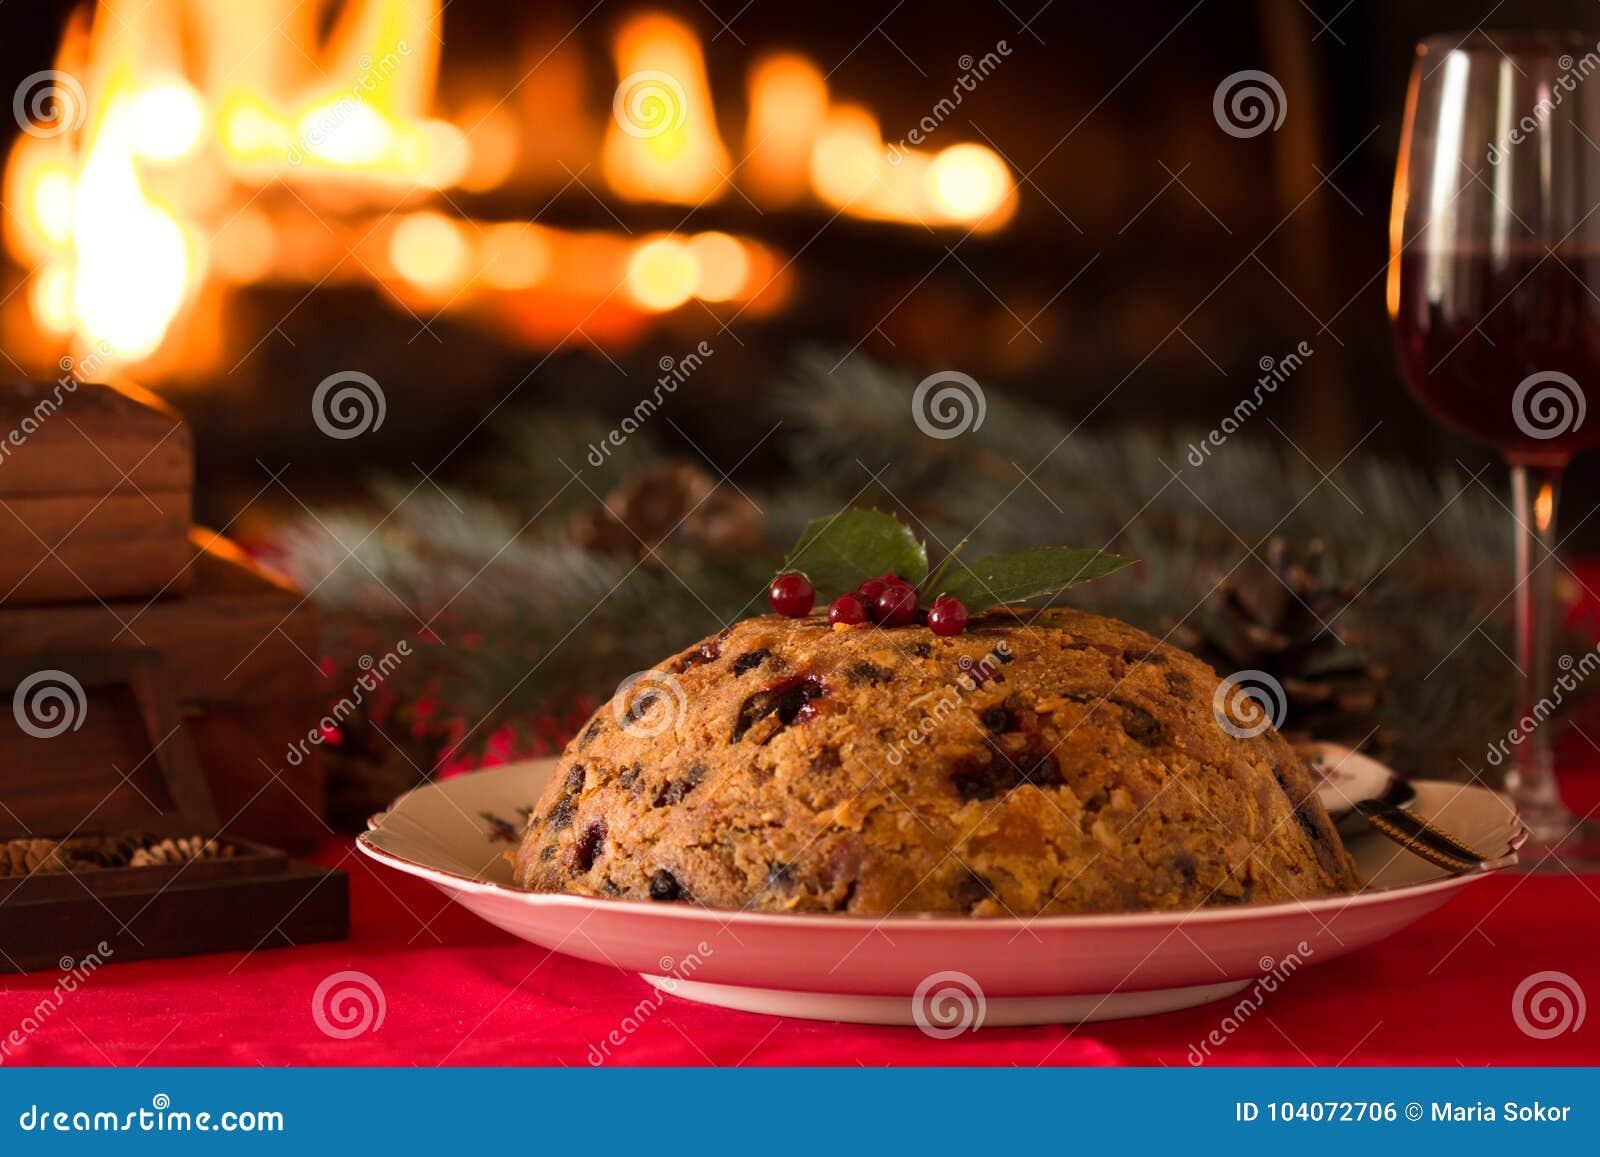 English Christmas Pudding With Spoon English Christmas Pudding With